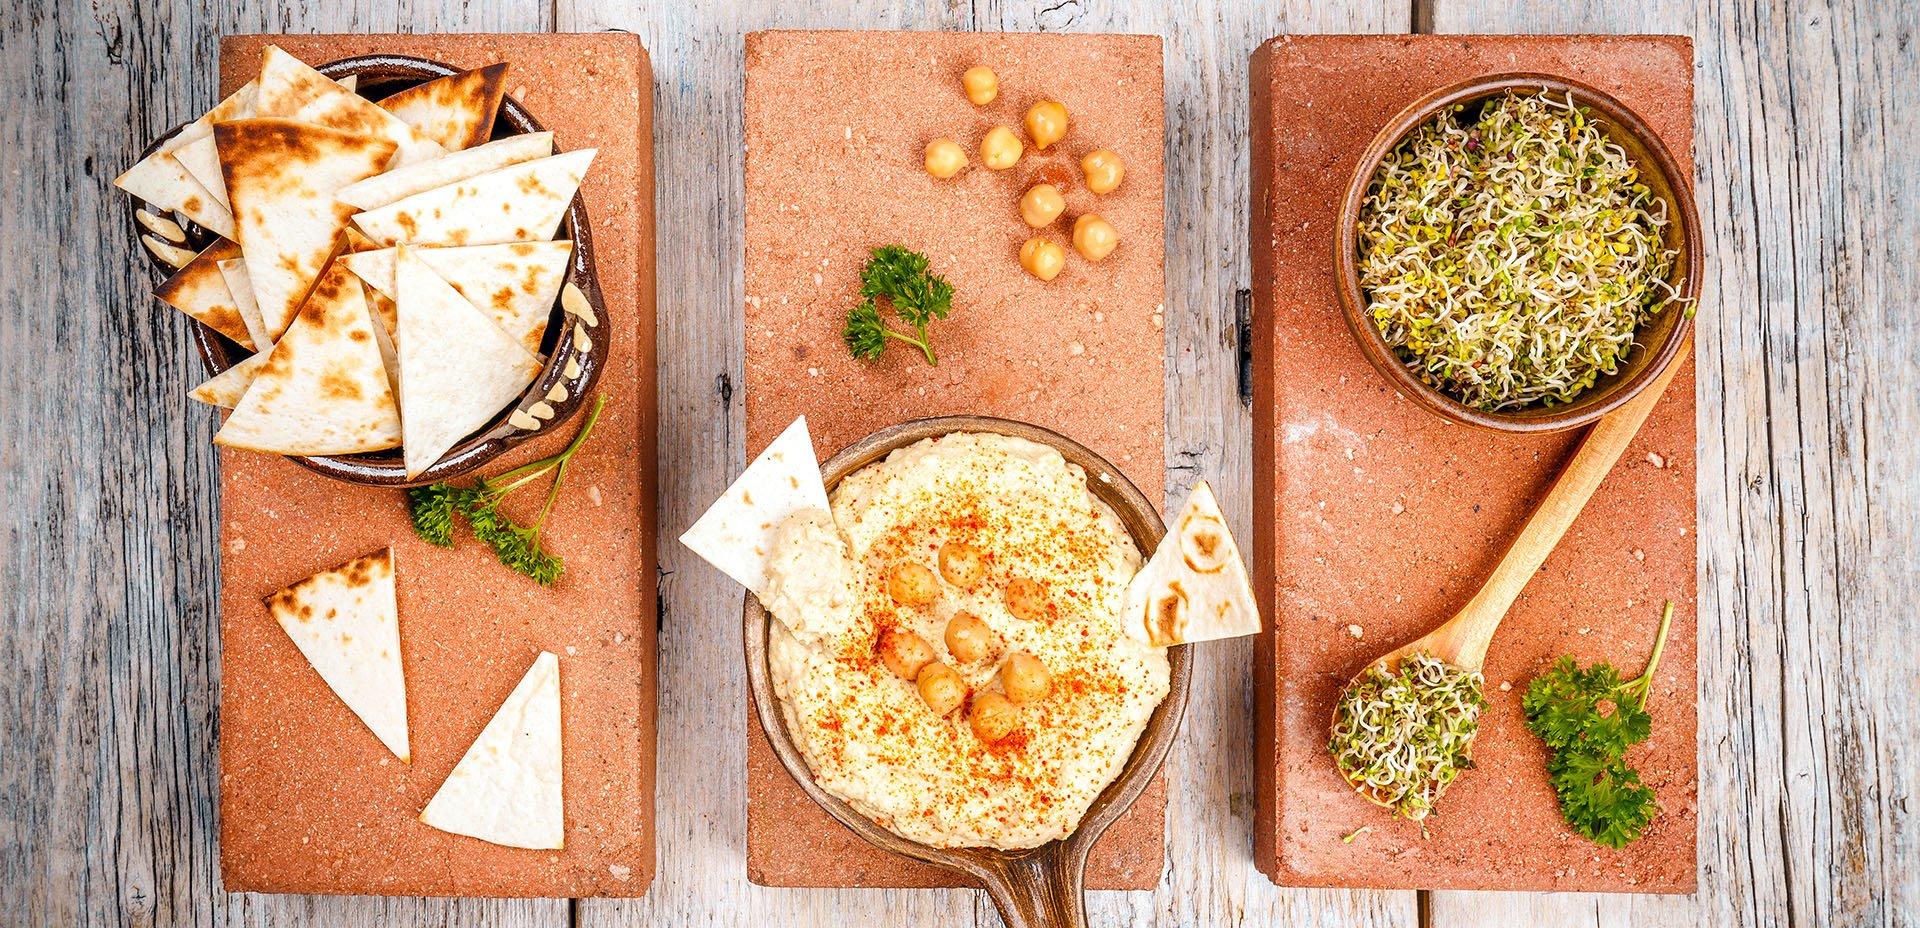 hummus classico e pita